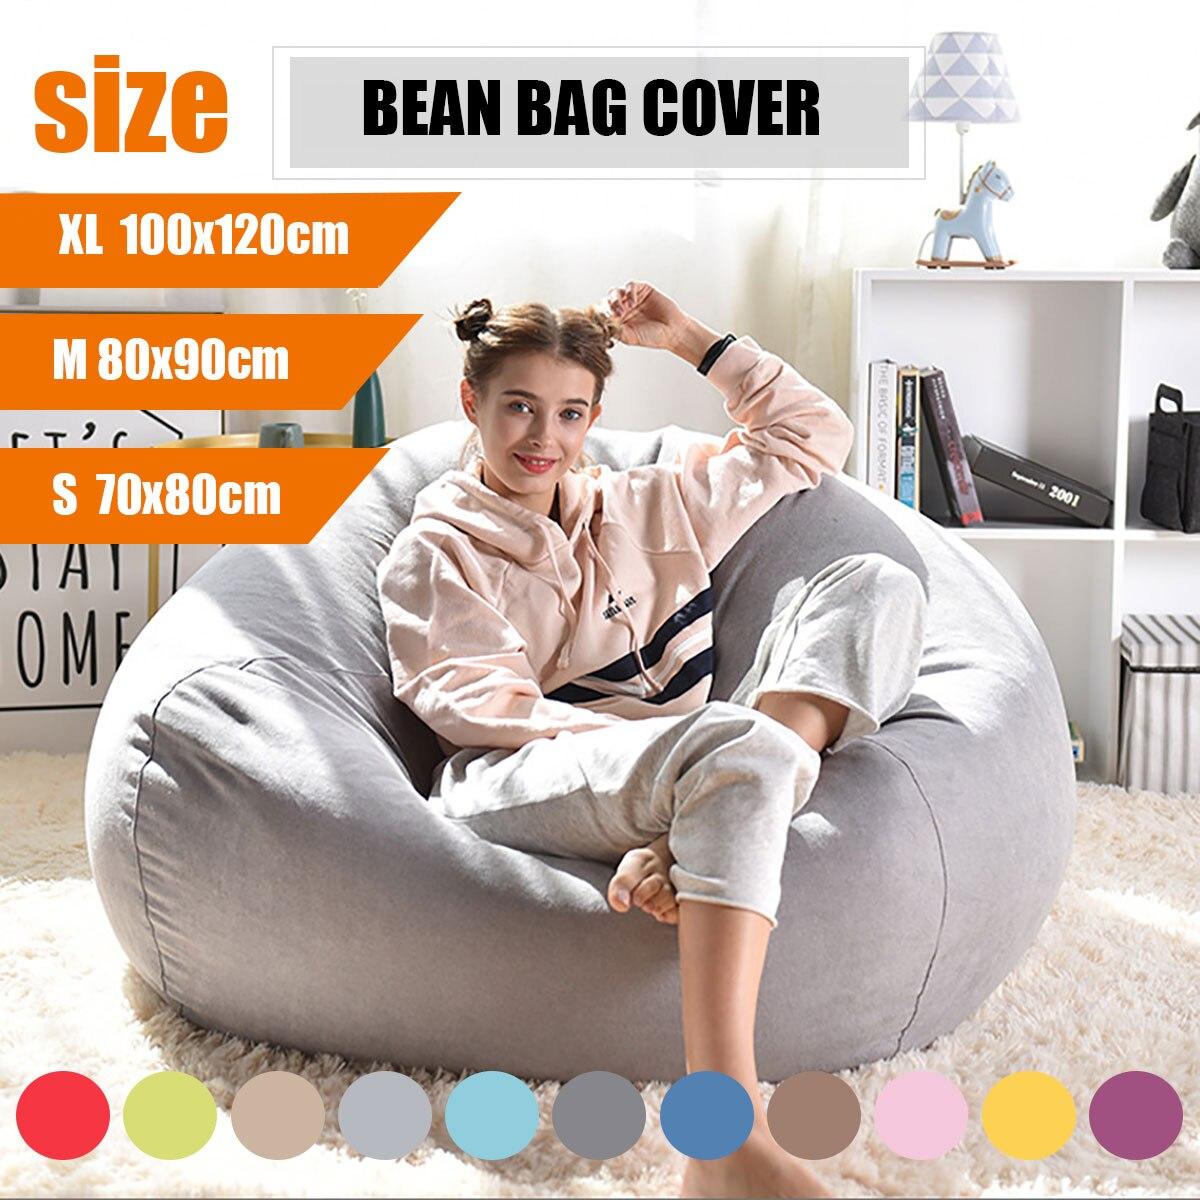 ขี้เกียจ BeanBag โซฟาฝาครอบเก้าอี้ไม่มี FILLER ผ้าลินินผ้า Lounger ที่นั่ง Bean BAG พัฟ asiento โซฟา Tatami ห้องรับแขกเฟอ...